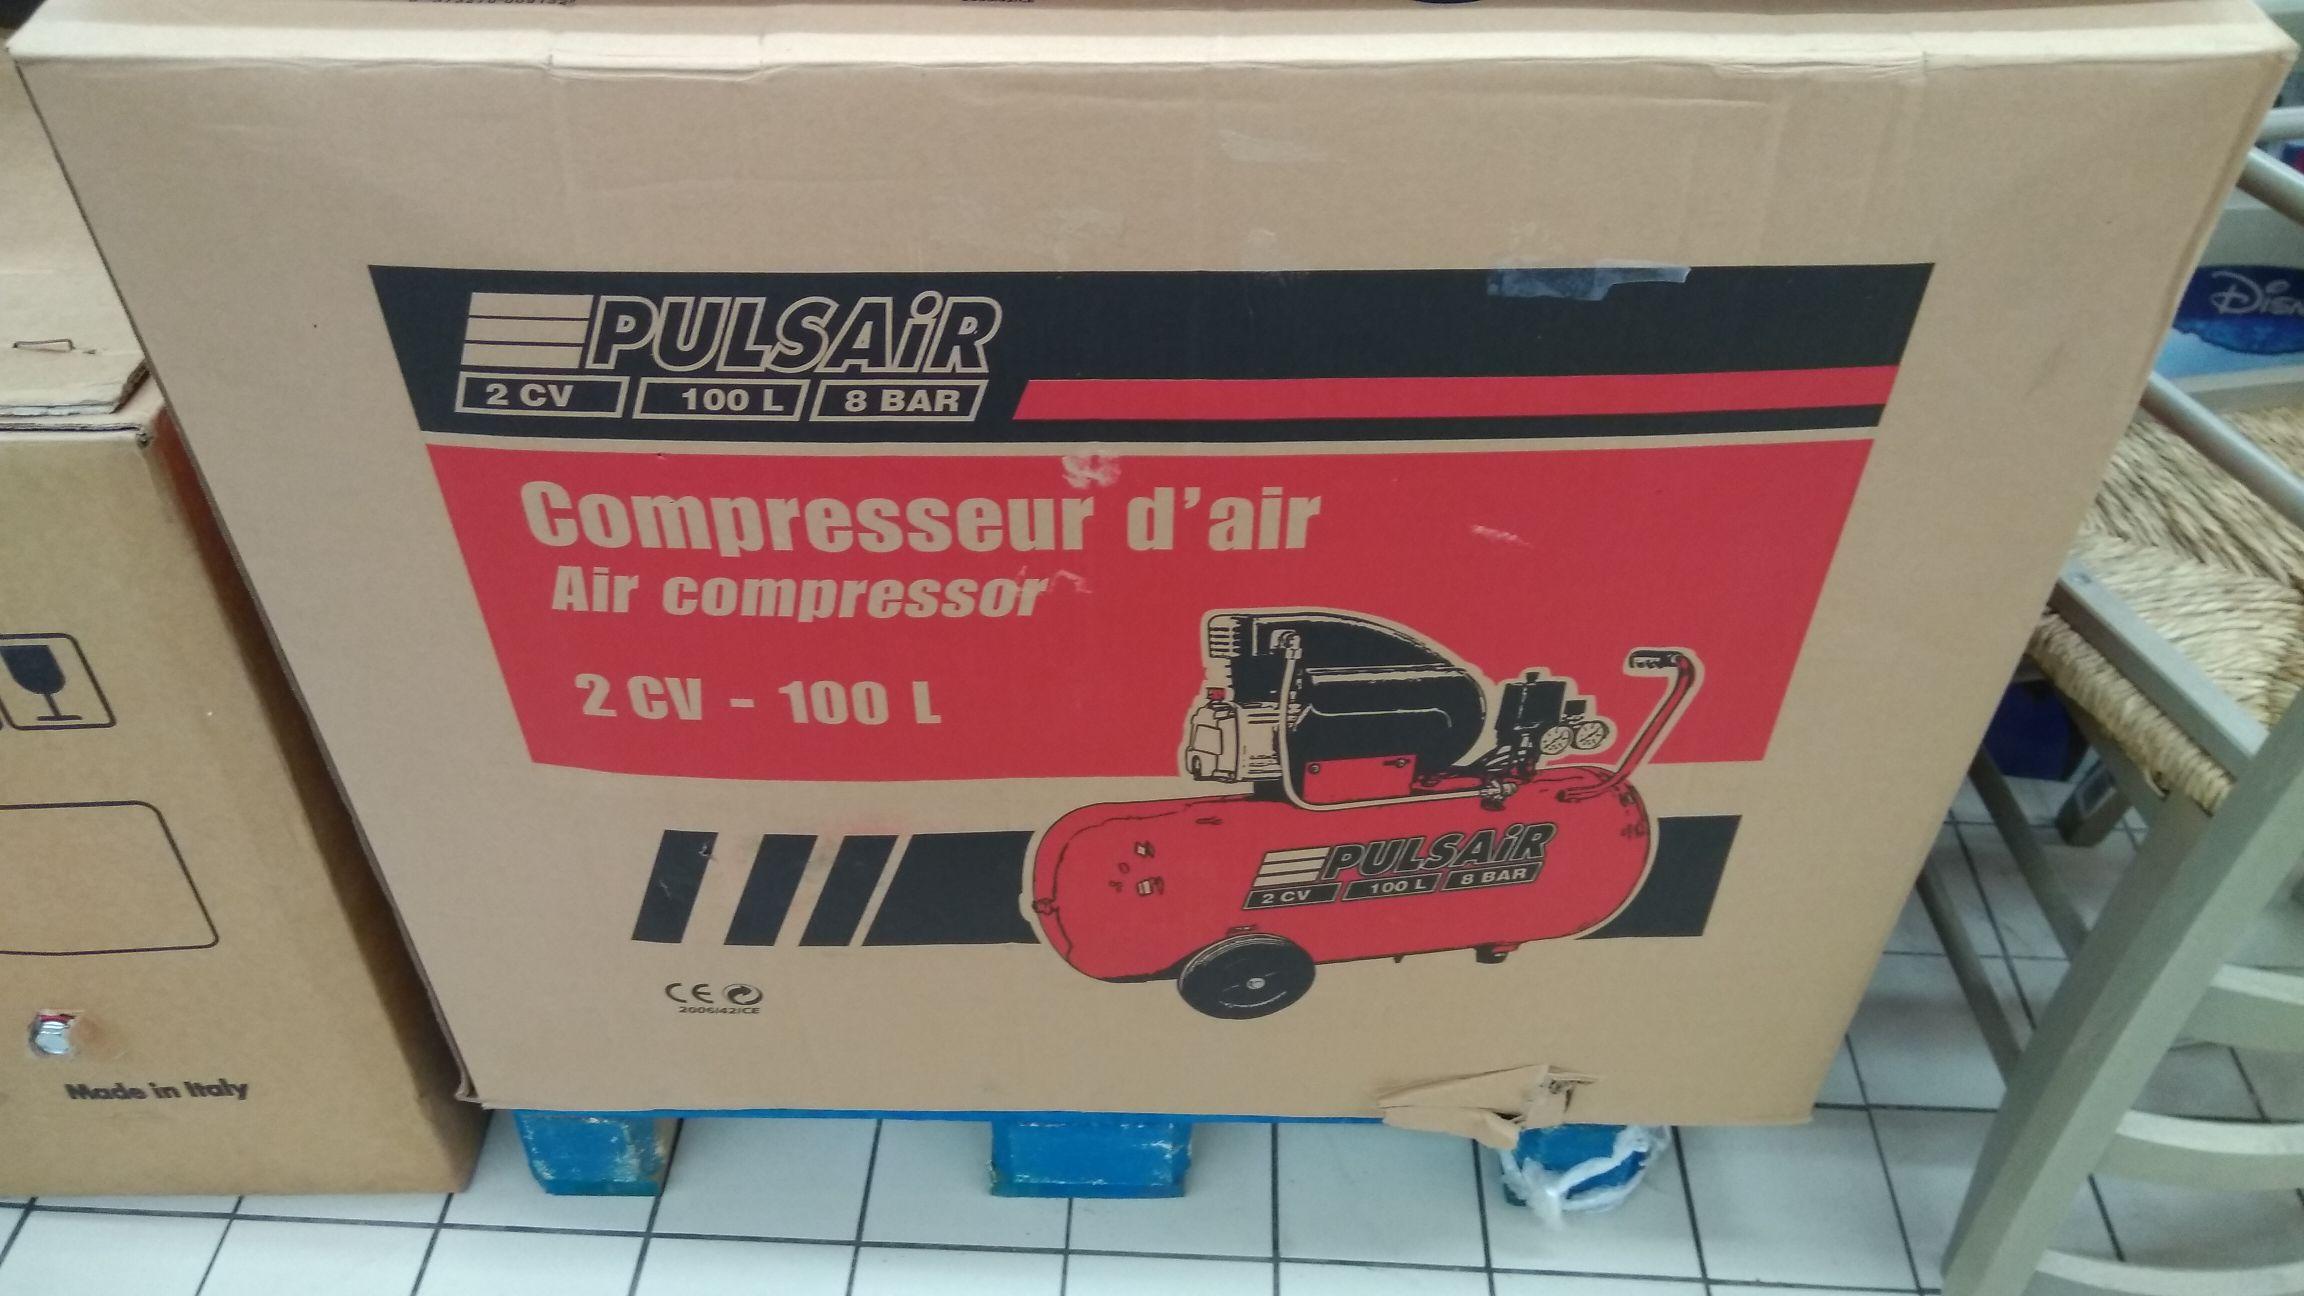 Compresseur Pulsair 100l 2CV 8 bar - Leclerc Conflans sainte honorine (78)